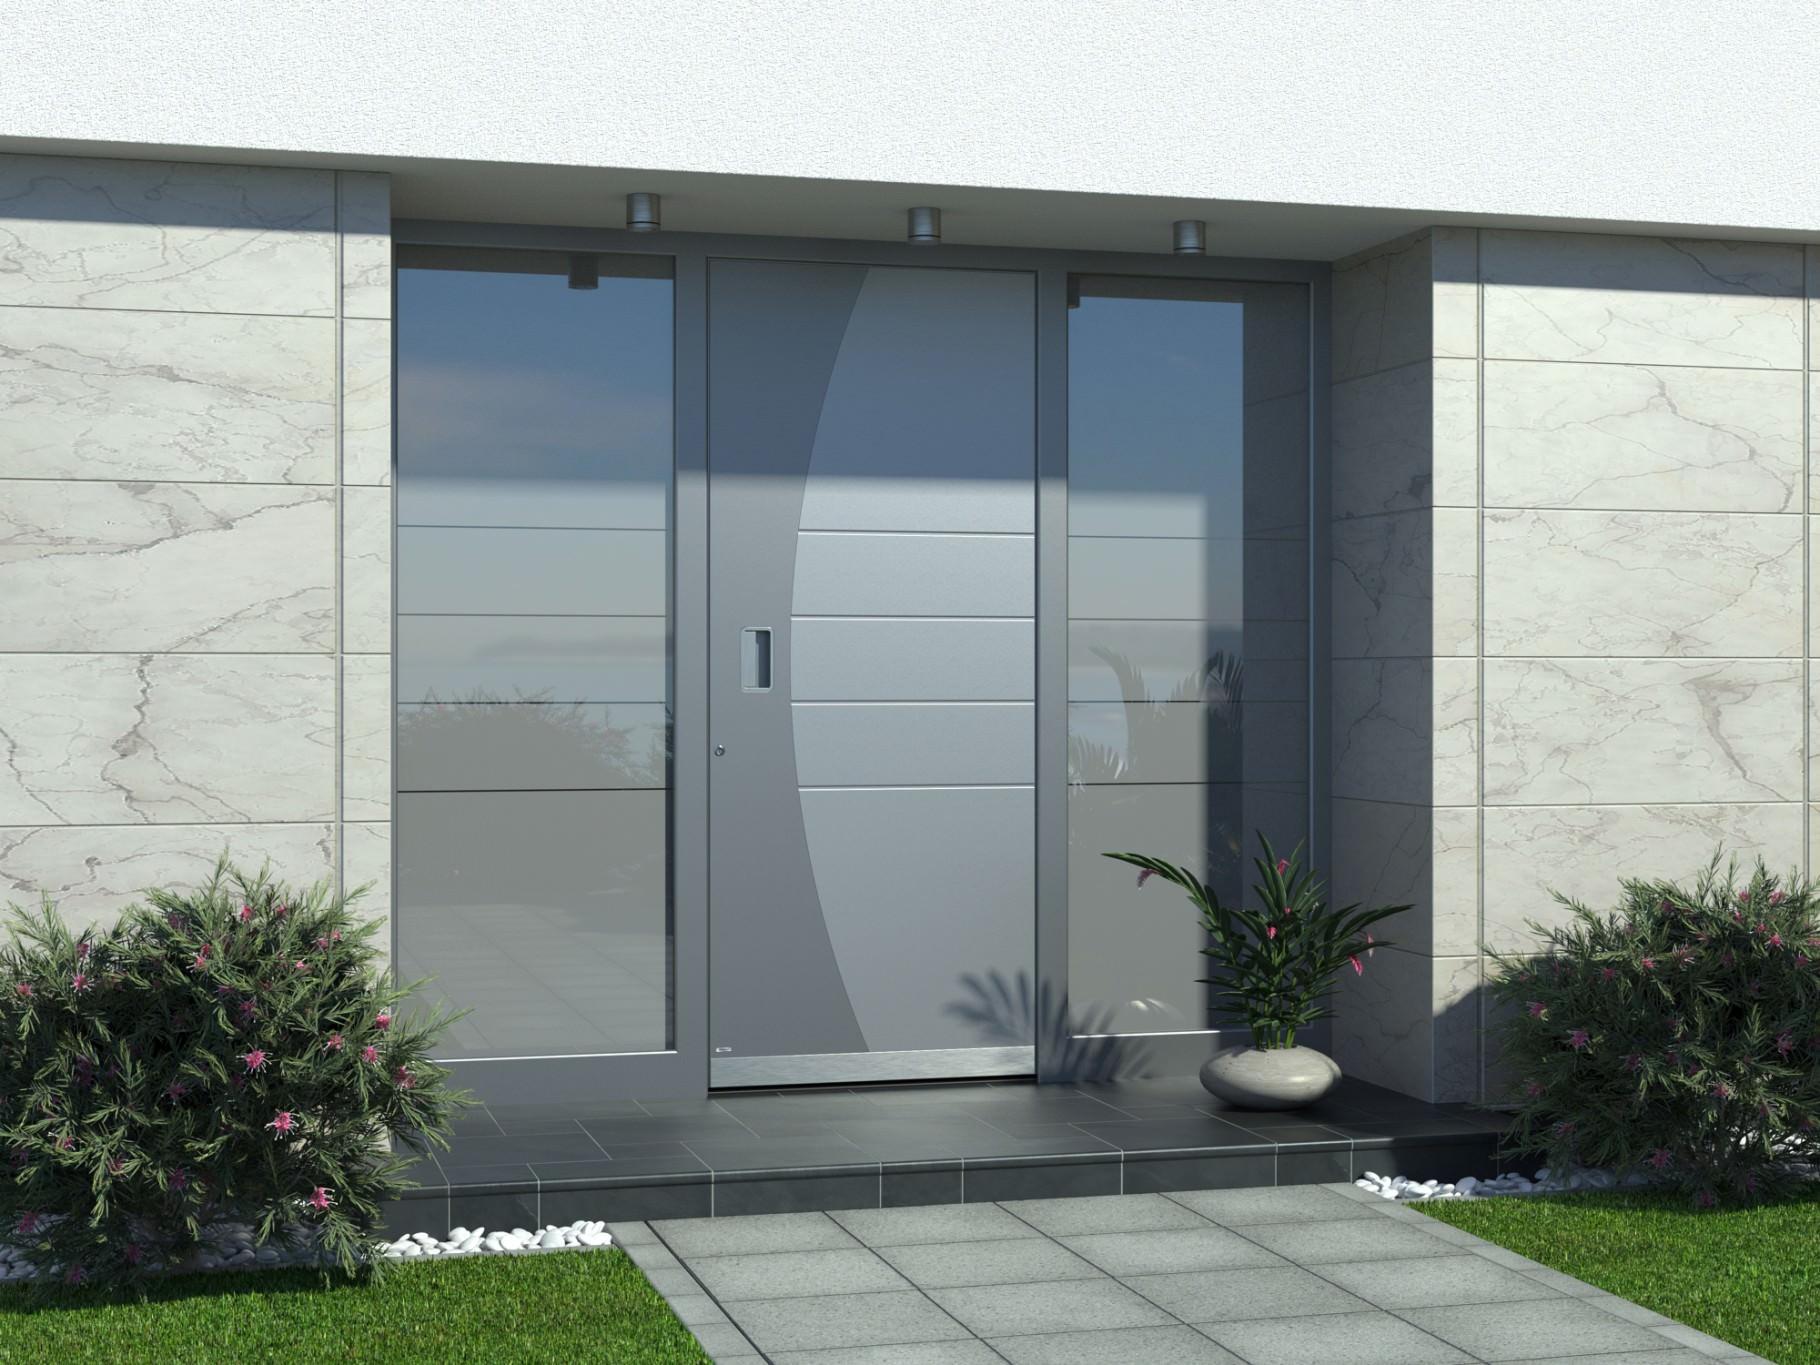 Vergleich zur besten Haustür: Kunststoff, Holz vs. Aluminum